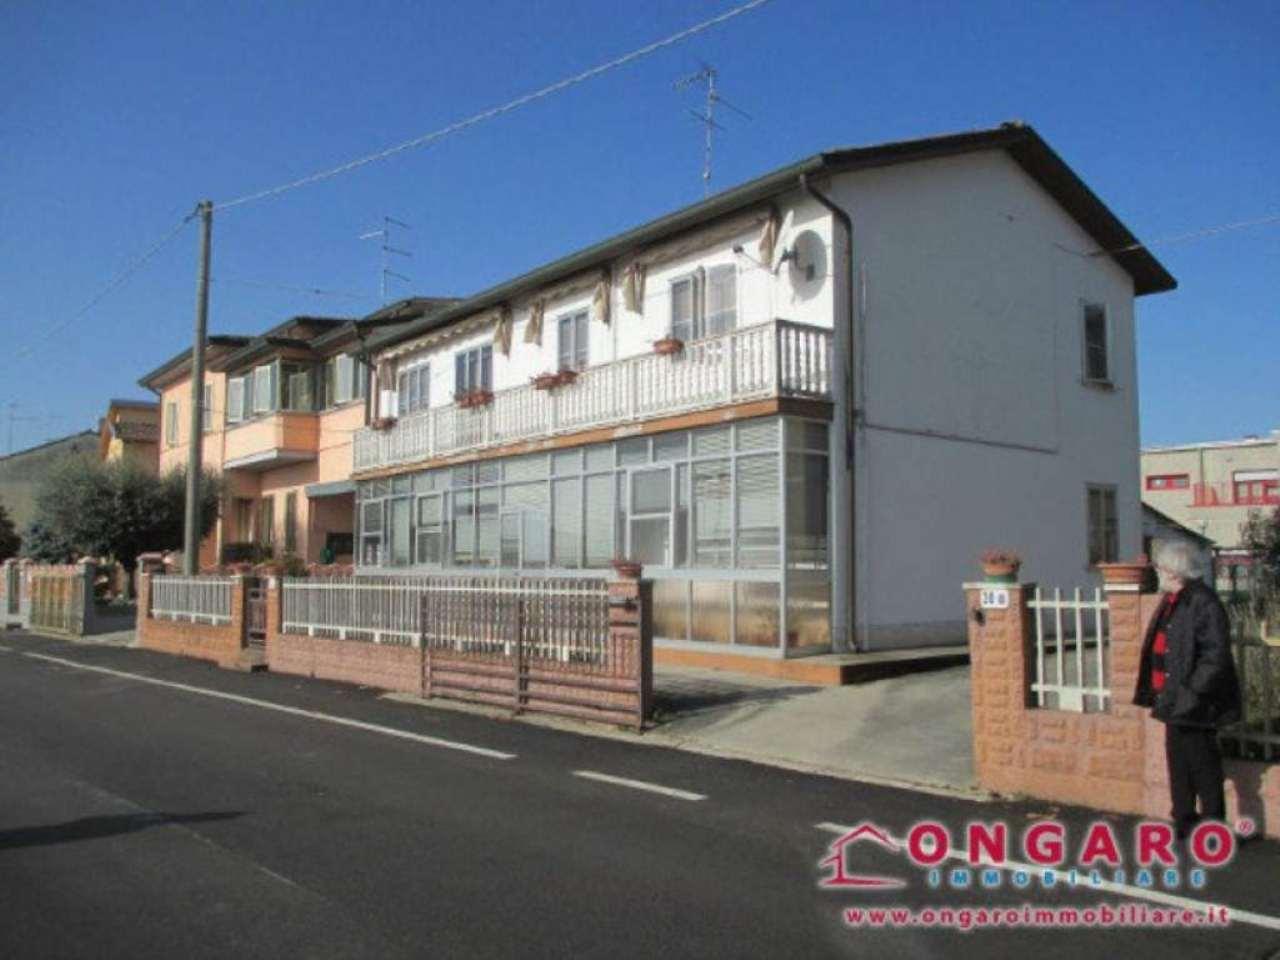 Soluzione Indipendente in vendita a Copparo, 9 locali, prezzo € 160.000   Cambio Casa.it